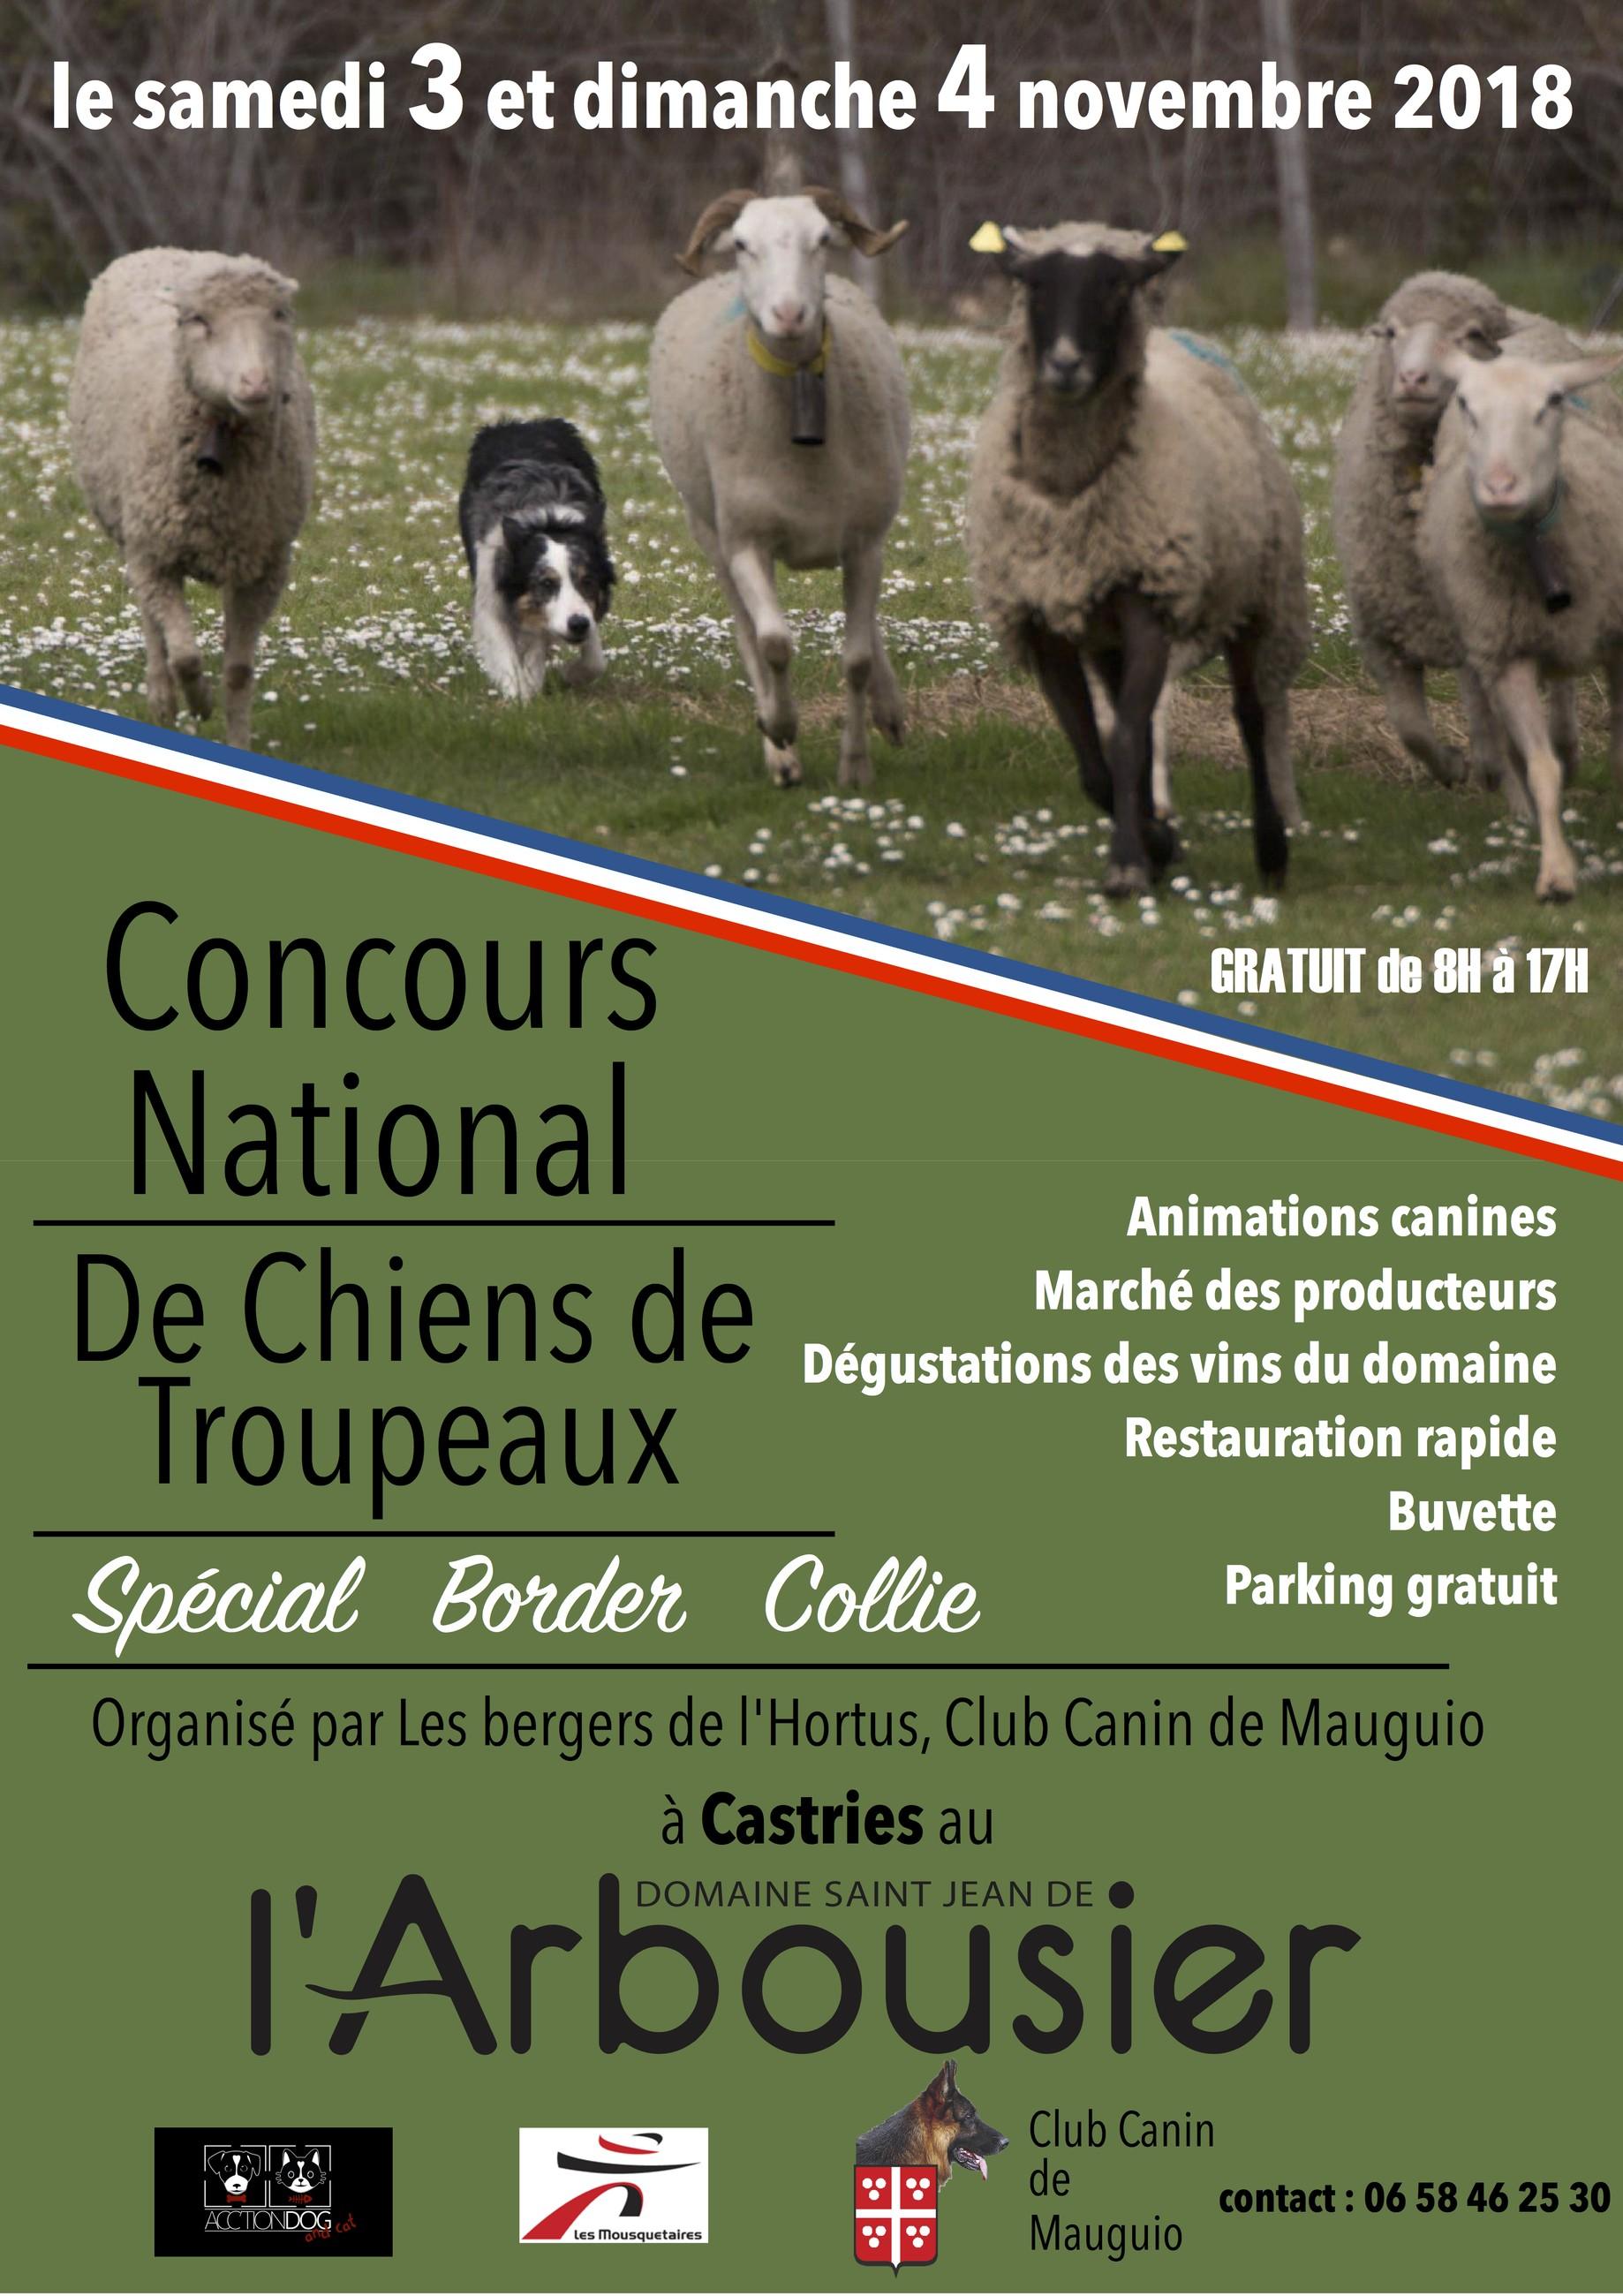 Concours national de chiens de troupeaux